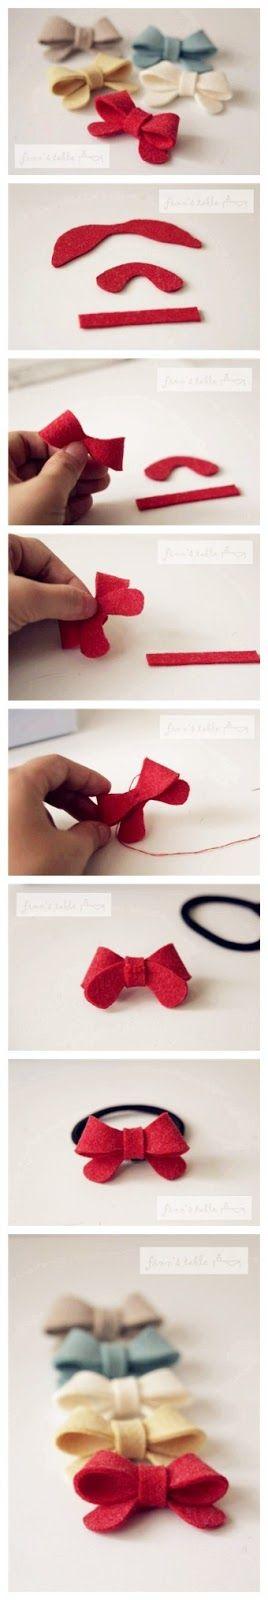 Heartfelt Handmade's Blog: Felt Bow Template